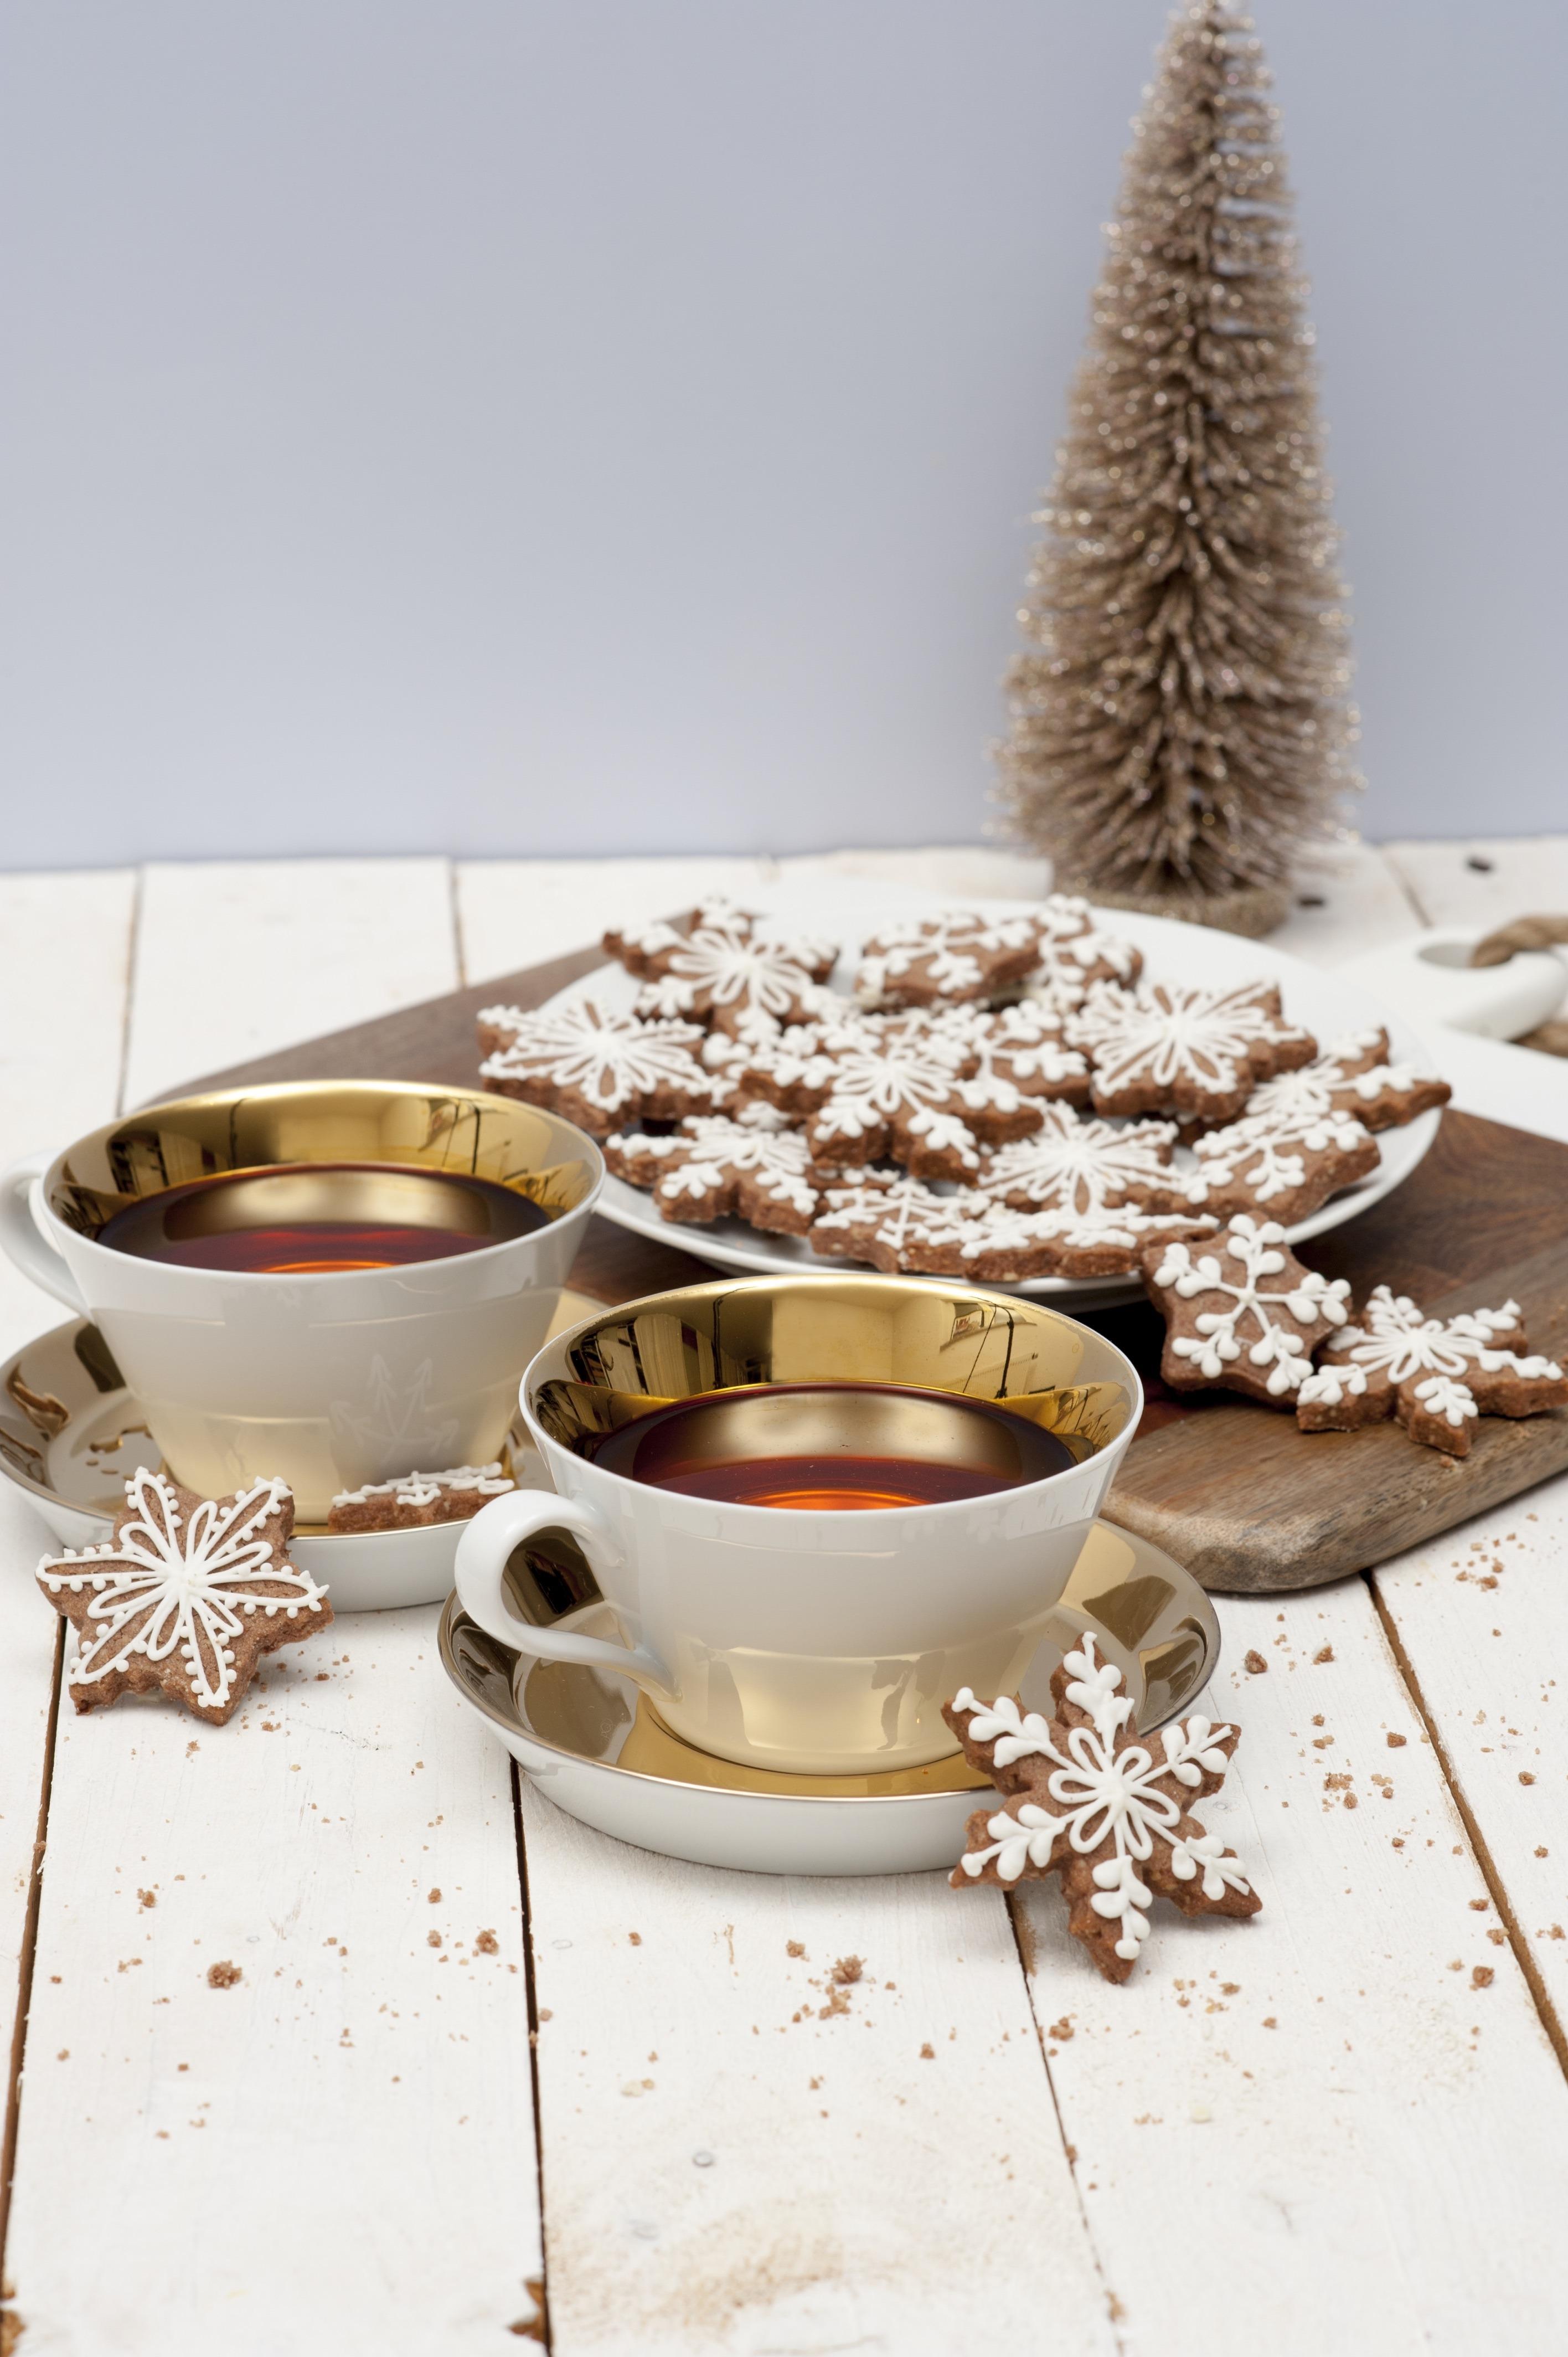 Edle Weihnachtsdeko 2019.Edle Weihnachtsdeko Mit Arzberg Porzellan Und Lebkuchenkekse